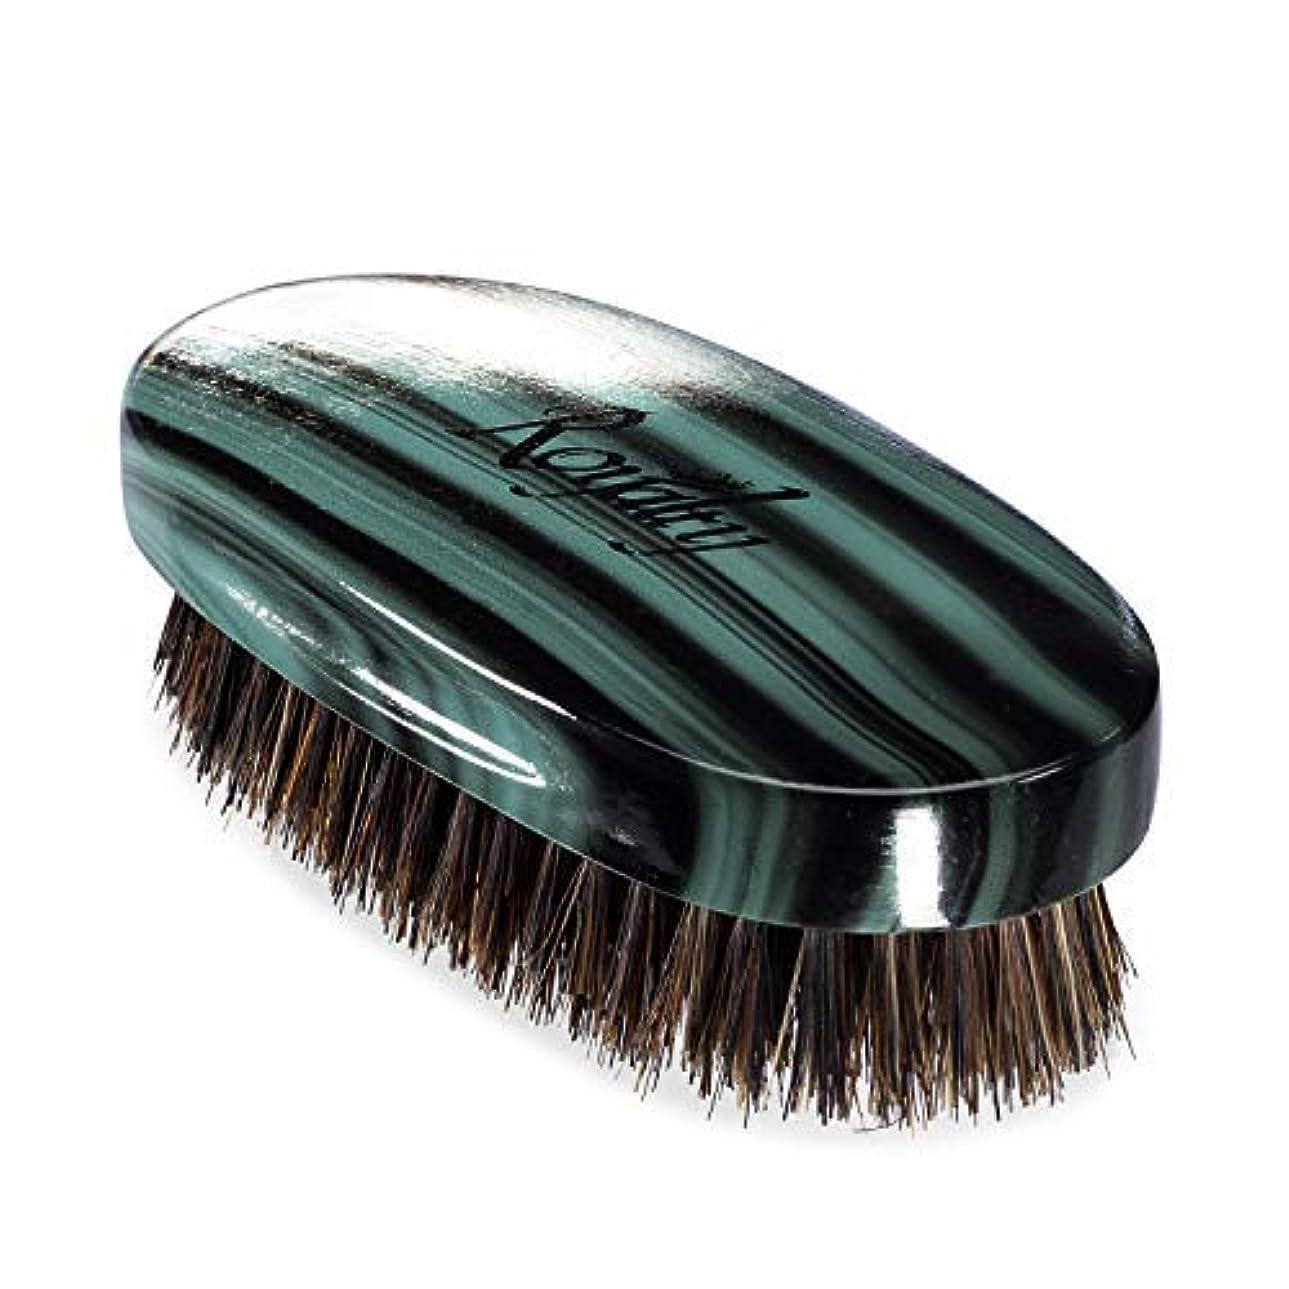 豊かにする厚い関与するRoyalty By Brush King Wave Brush #RP5- Medium Palm Brush - From The Maker Of Torino Pro 360 Wave Brushes [並行輸入品]